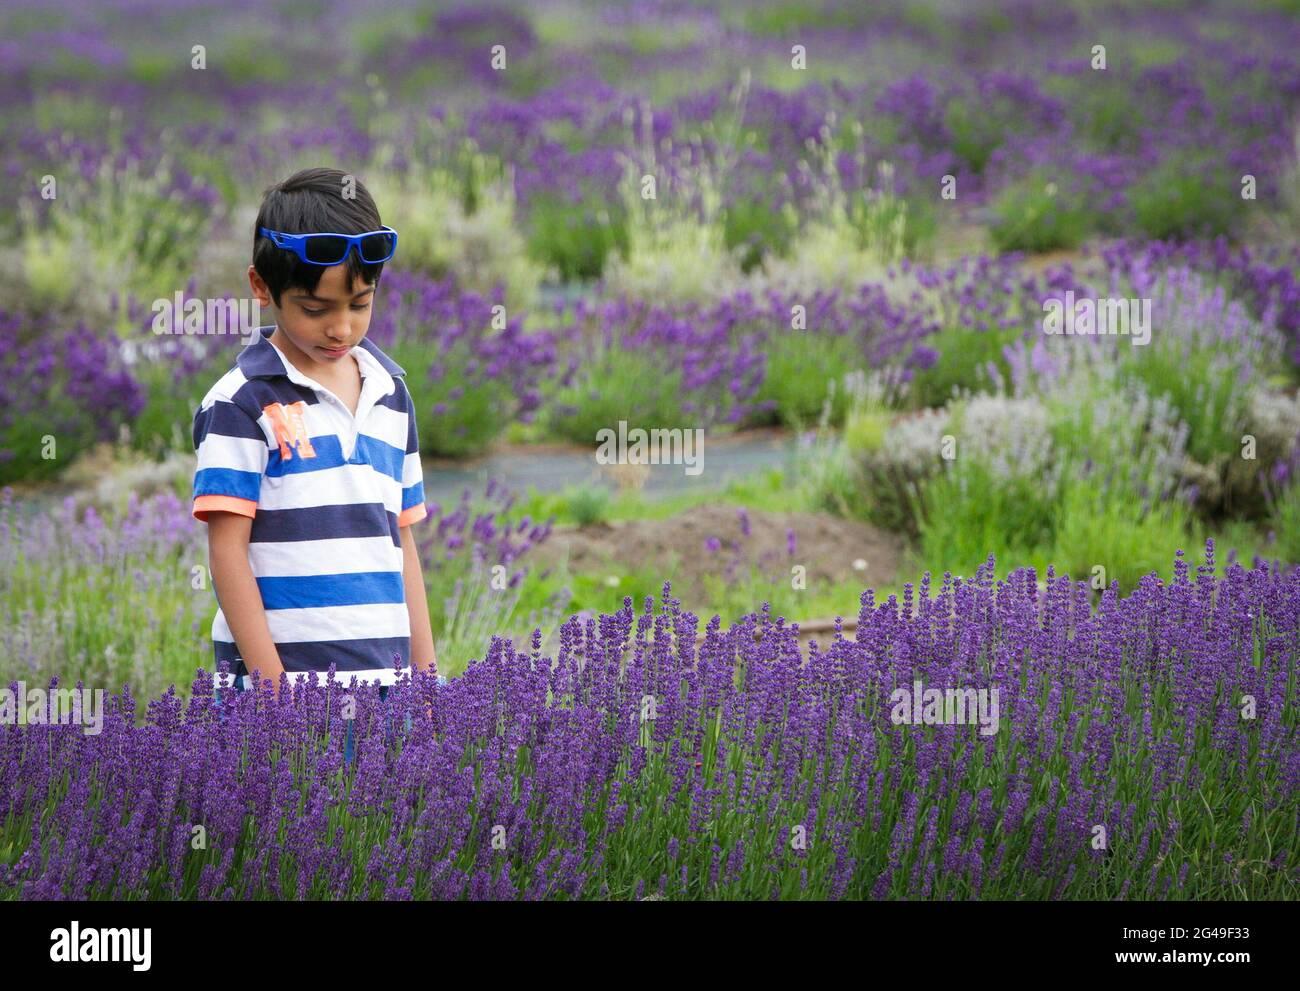 Richmond, Canada. 19 juin 2021. Un enfant visite une ferme de lavande à Richmond, en Colombie-Britannique, au Canada, le 19 juin 2021. Credit: Liang Sen/Xinhua/Alay Live News Banque D'Images